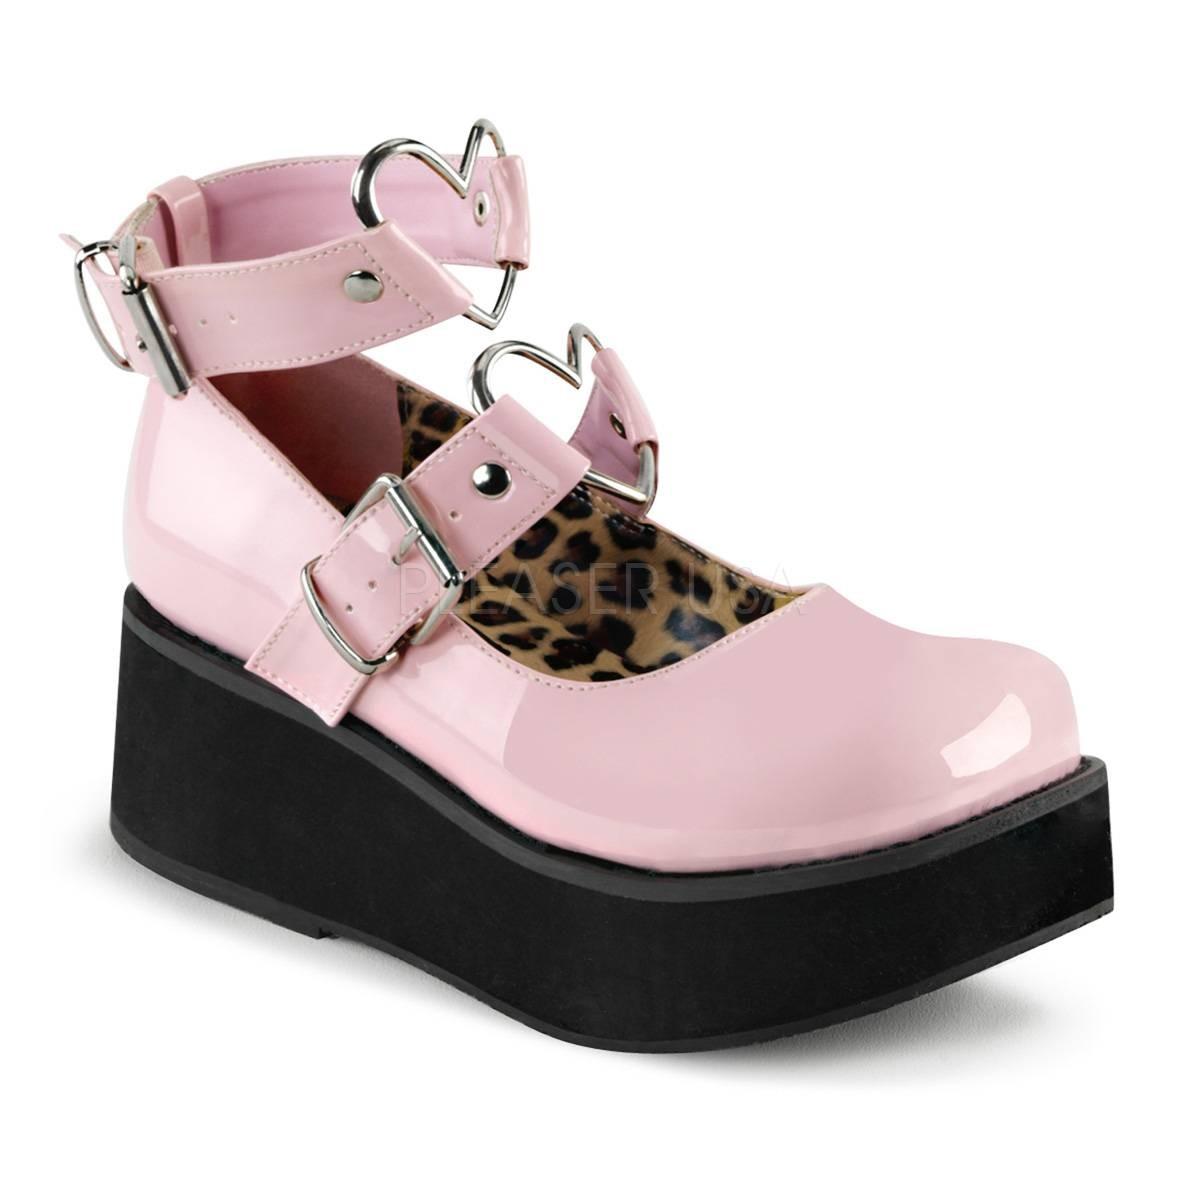 Ballerinas - SPRITE 02 ° Damen Plateau Ballerina ° Pink Glänzend ° Demonia  - Onlineshop RedSixty